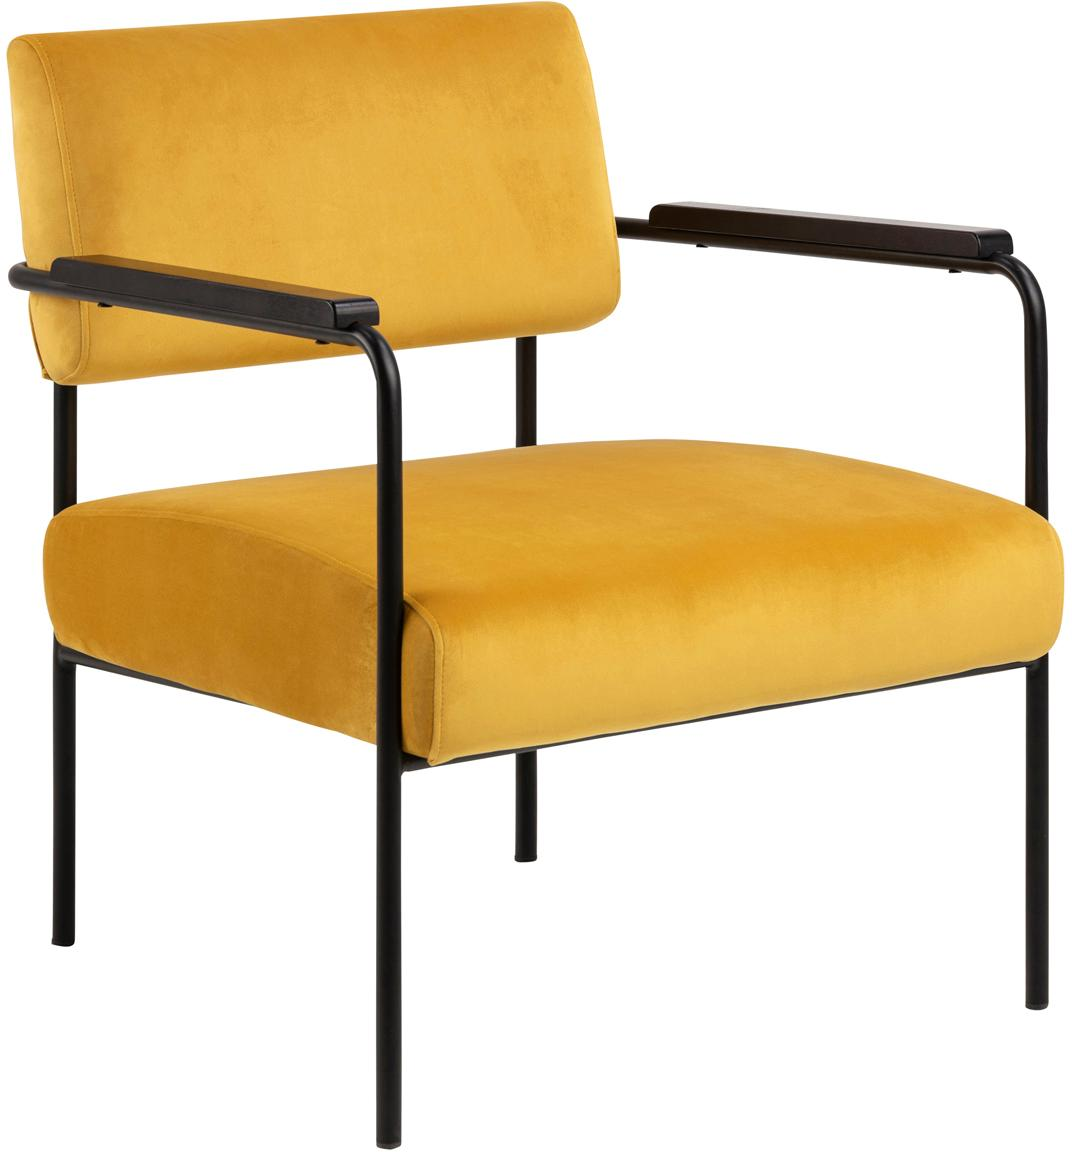 Sedia a poltrona in velluto Cloe, Rivestimento: velluto di poliestere 25., Struttura: metallo verniciato a polv, Velluto giallo, Larg. 67 x Prof. 67 cm